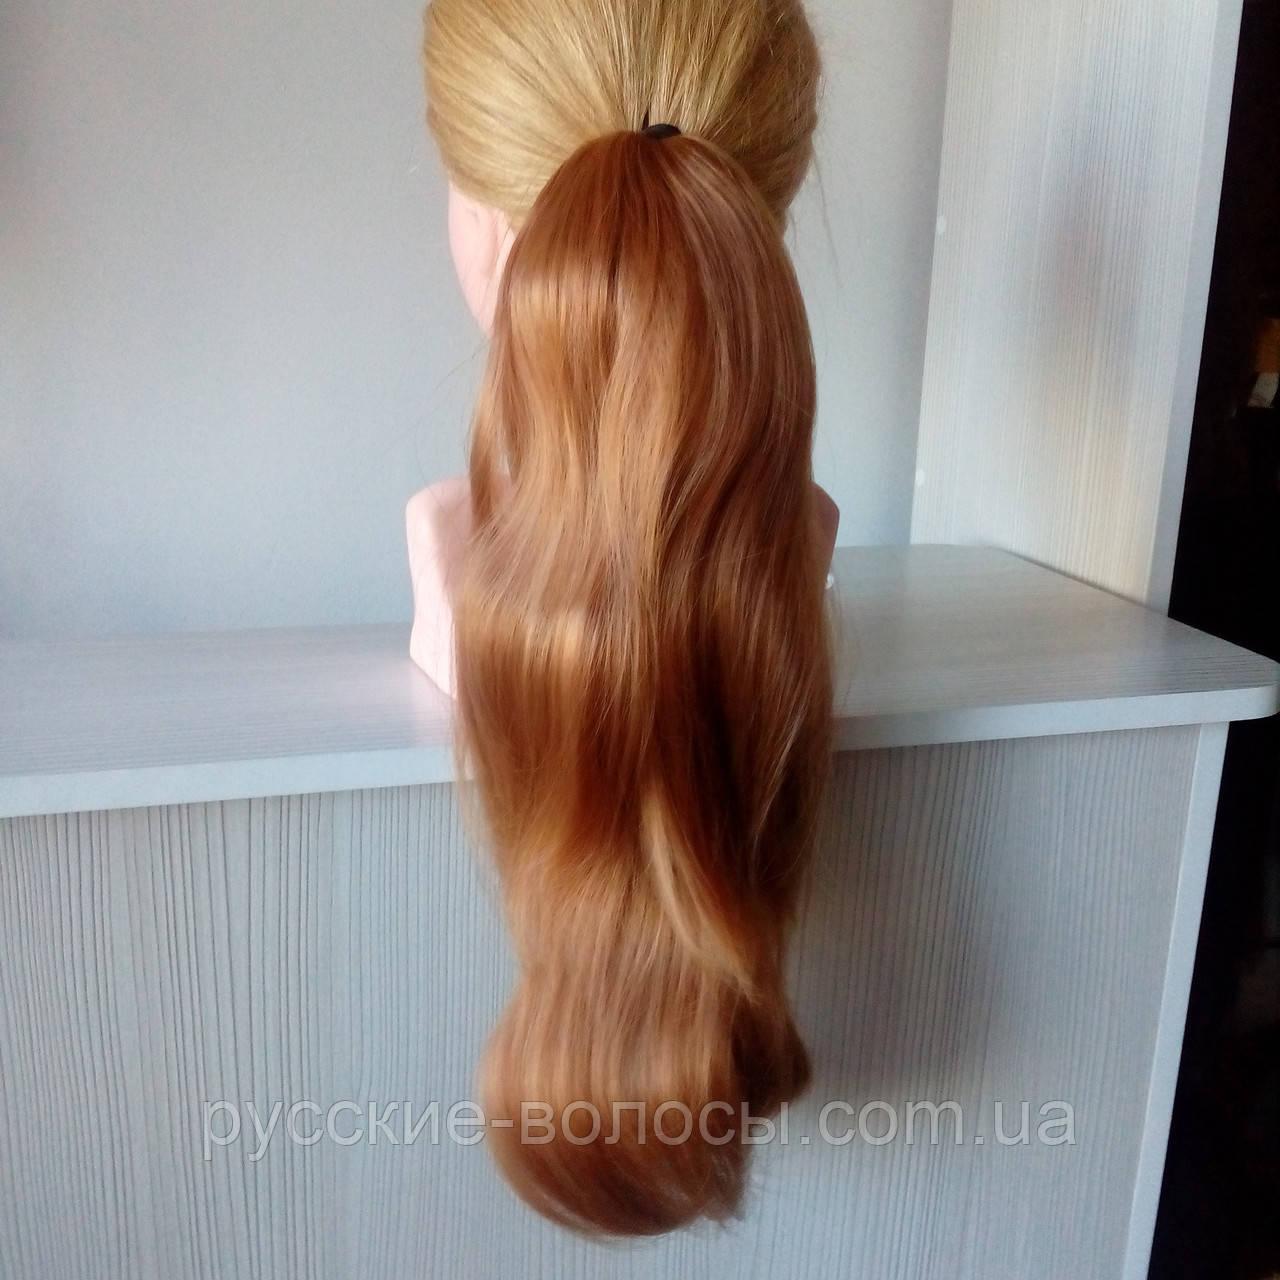 Изготовление накладных хвостов из натуральных волос